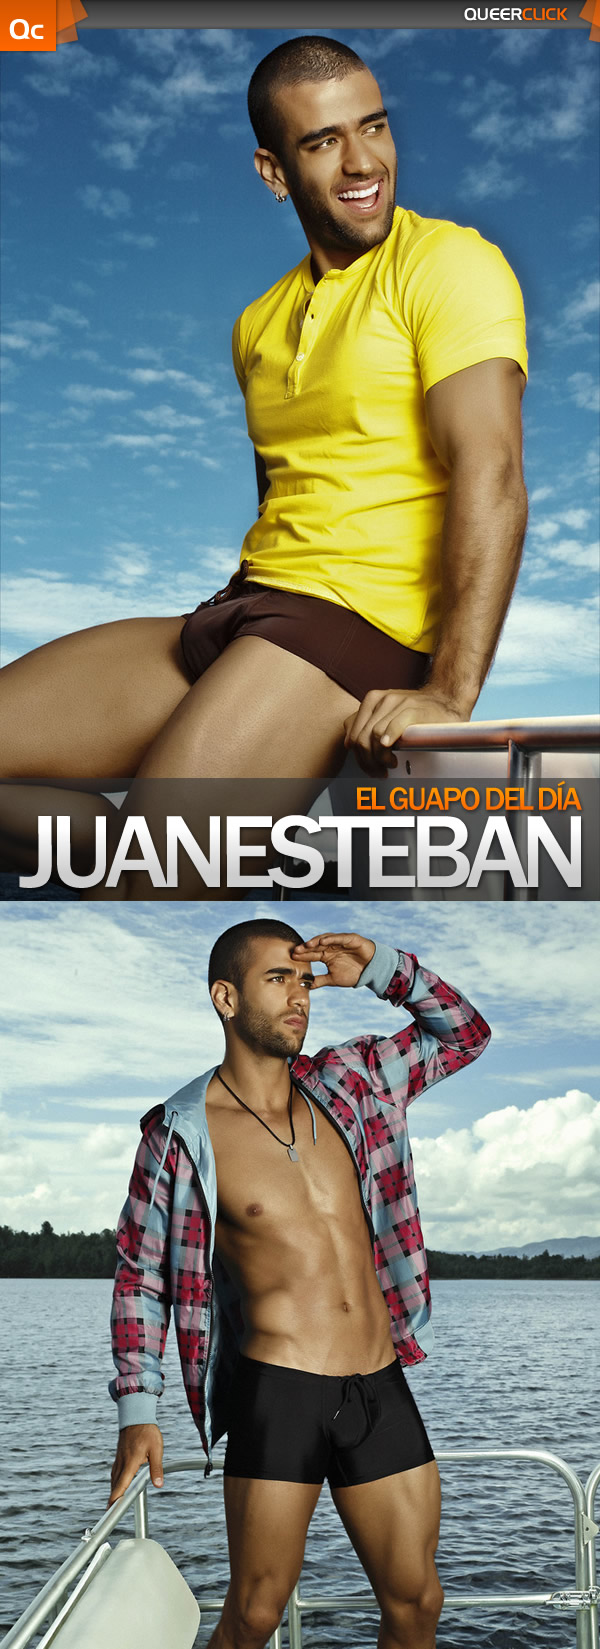 El Guapo Del Día: Juan Esteban